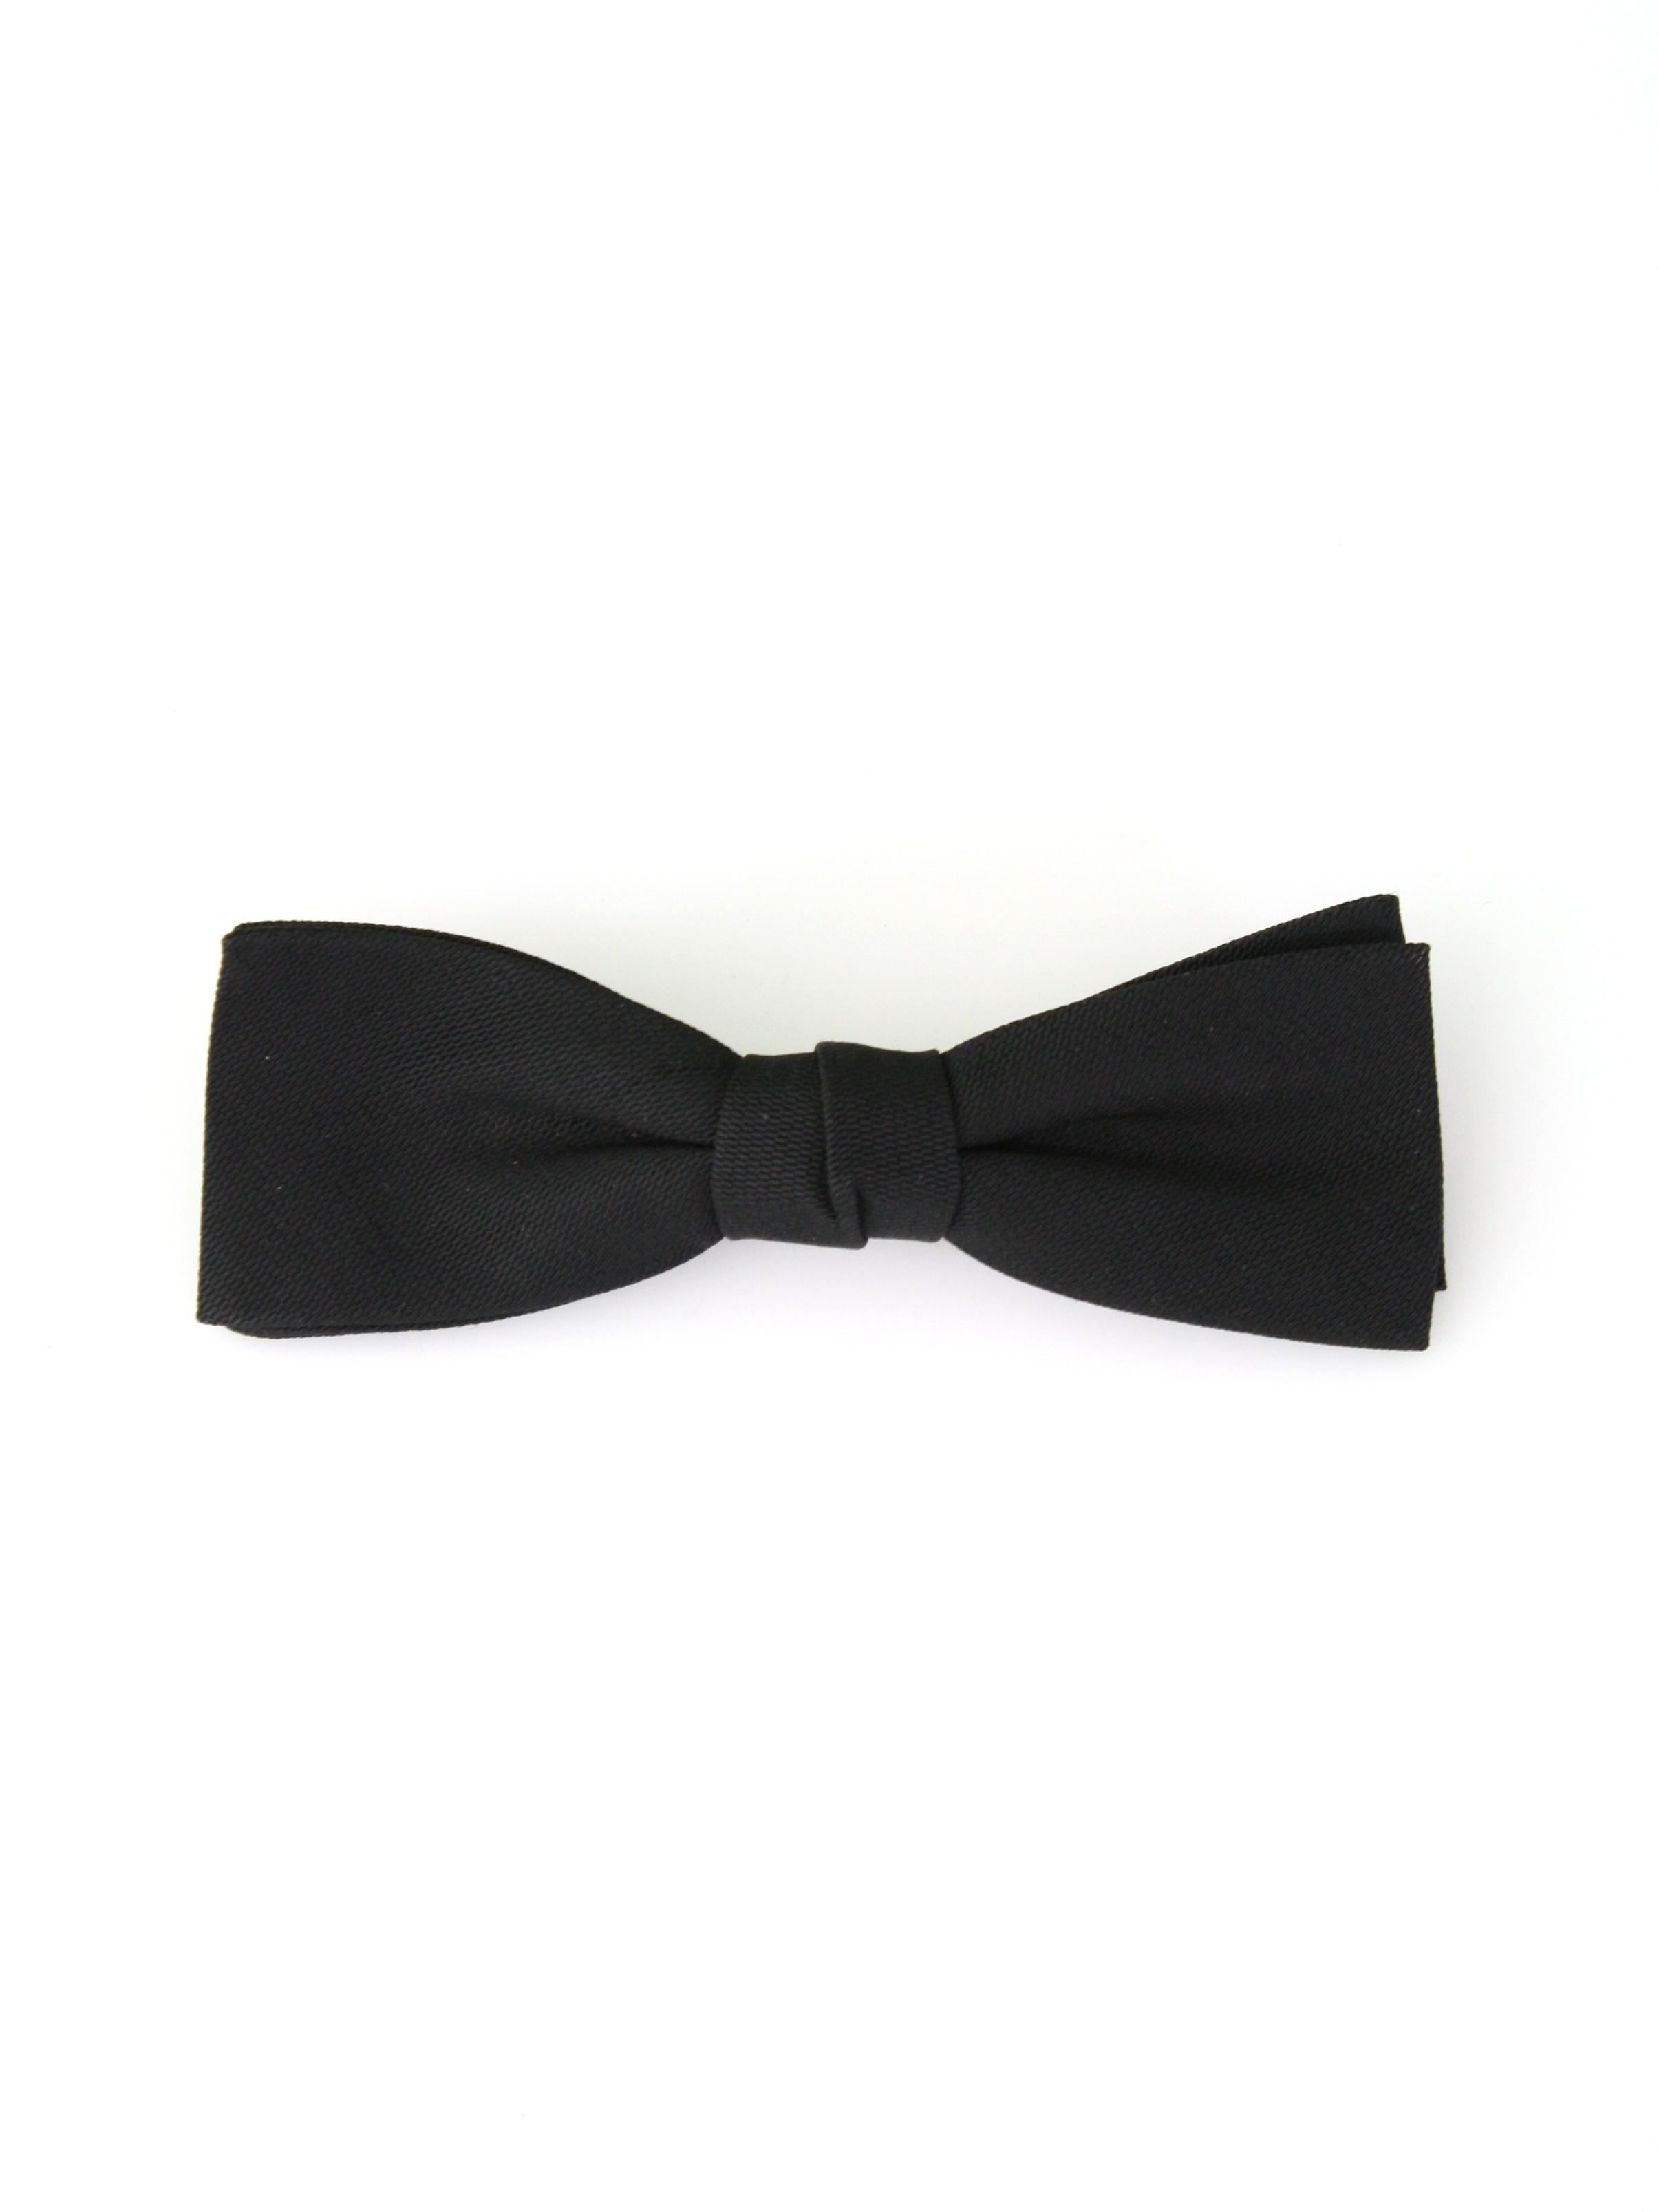 wholesale dealer 55eb6 d0ac5 1950's Wembley Mens Formal Bowtie Necktie